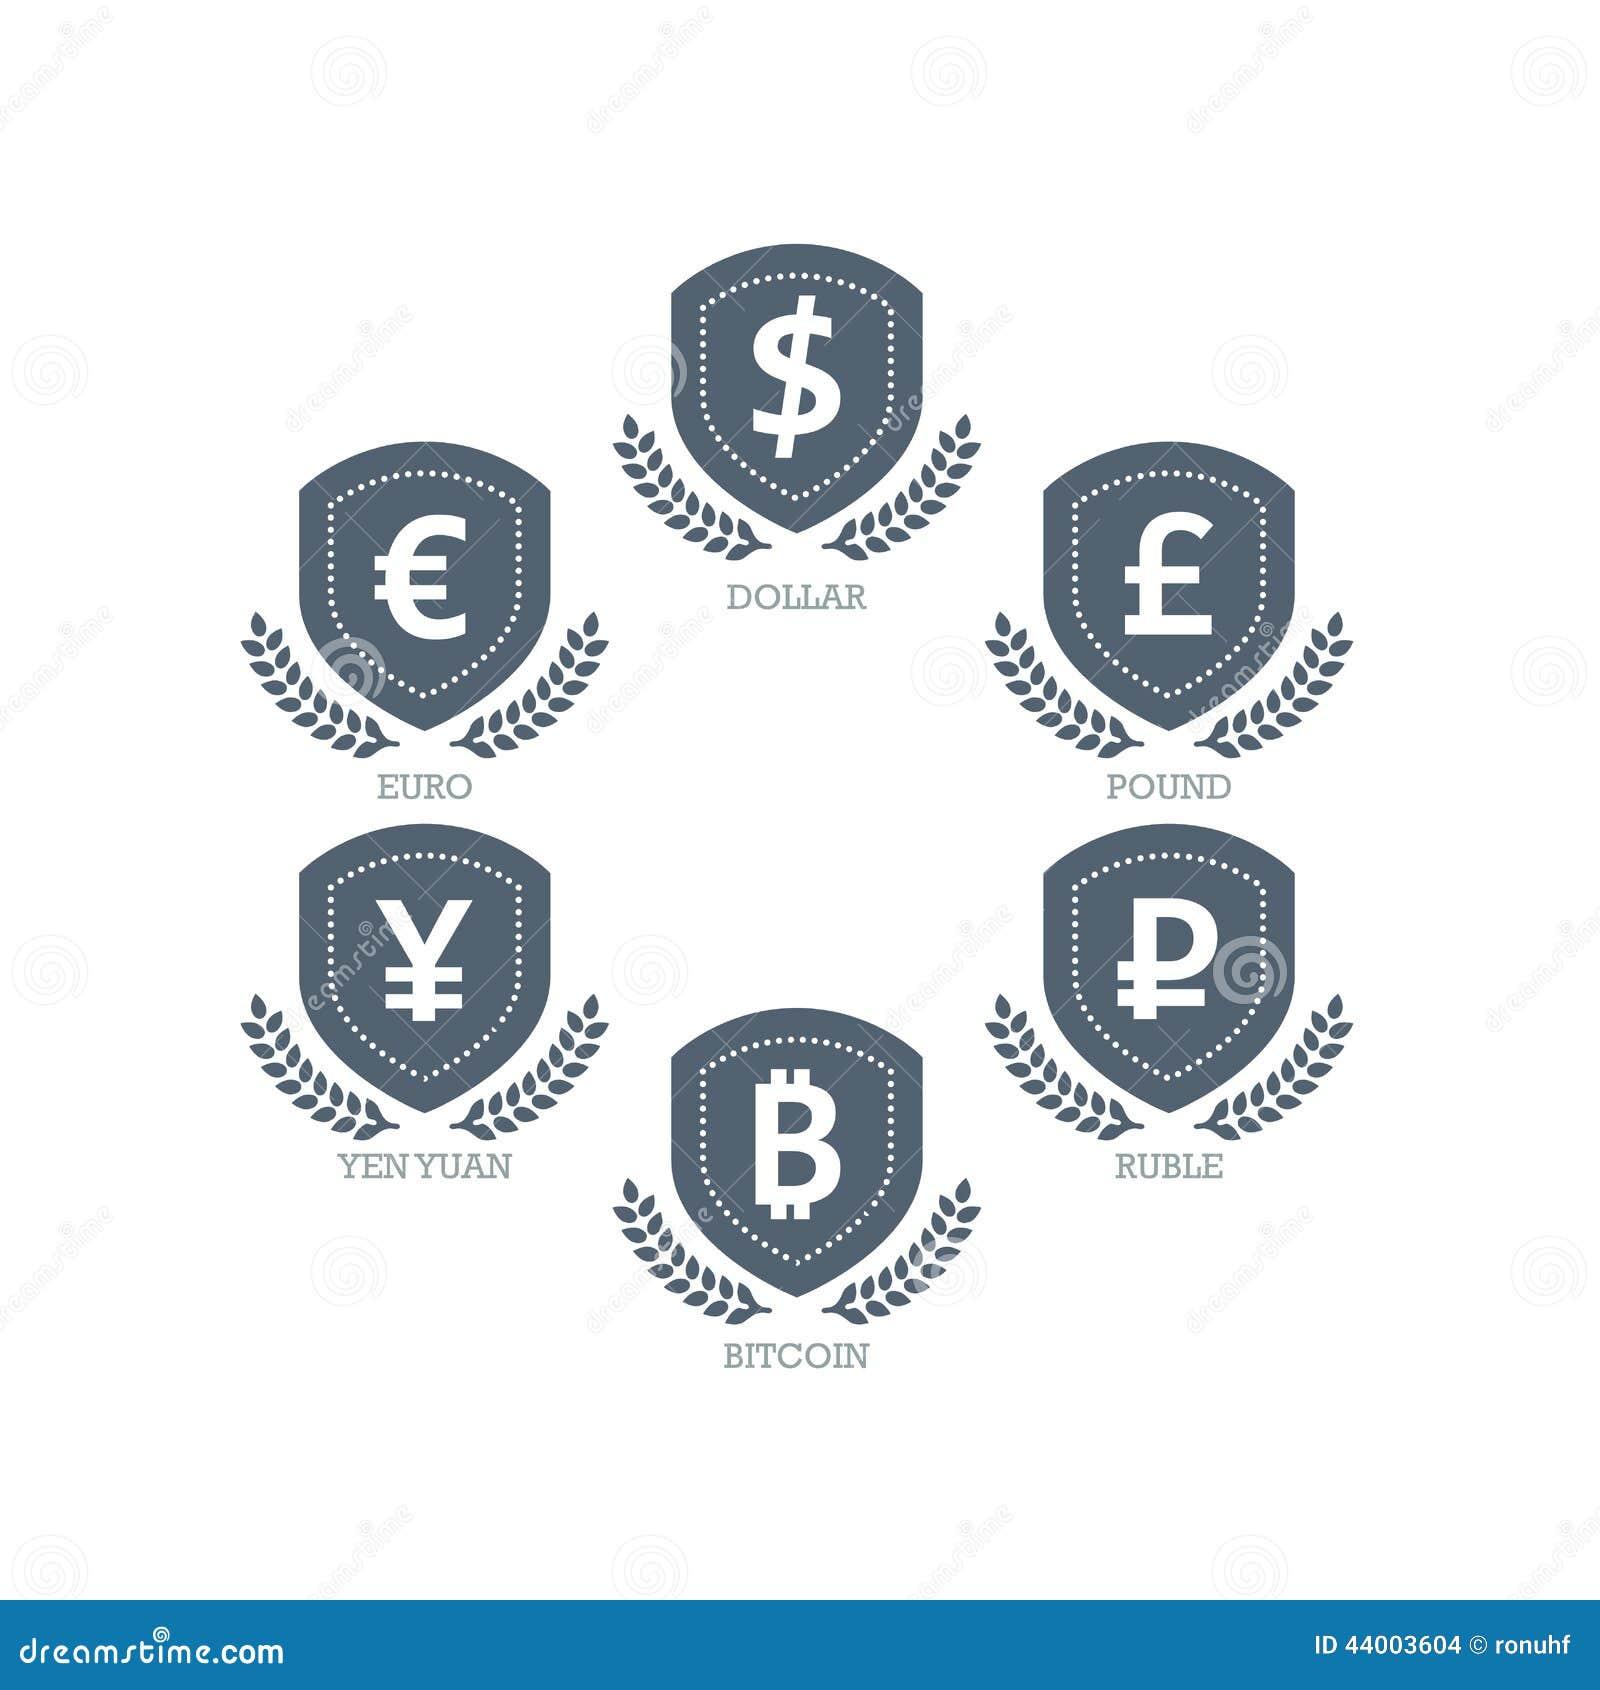 Z/Yen